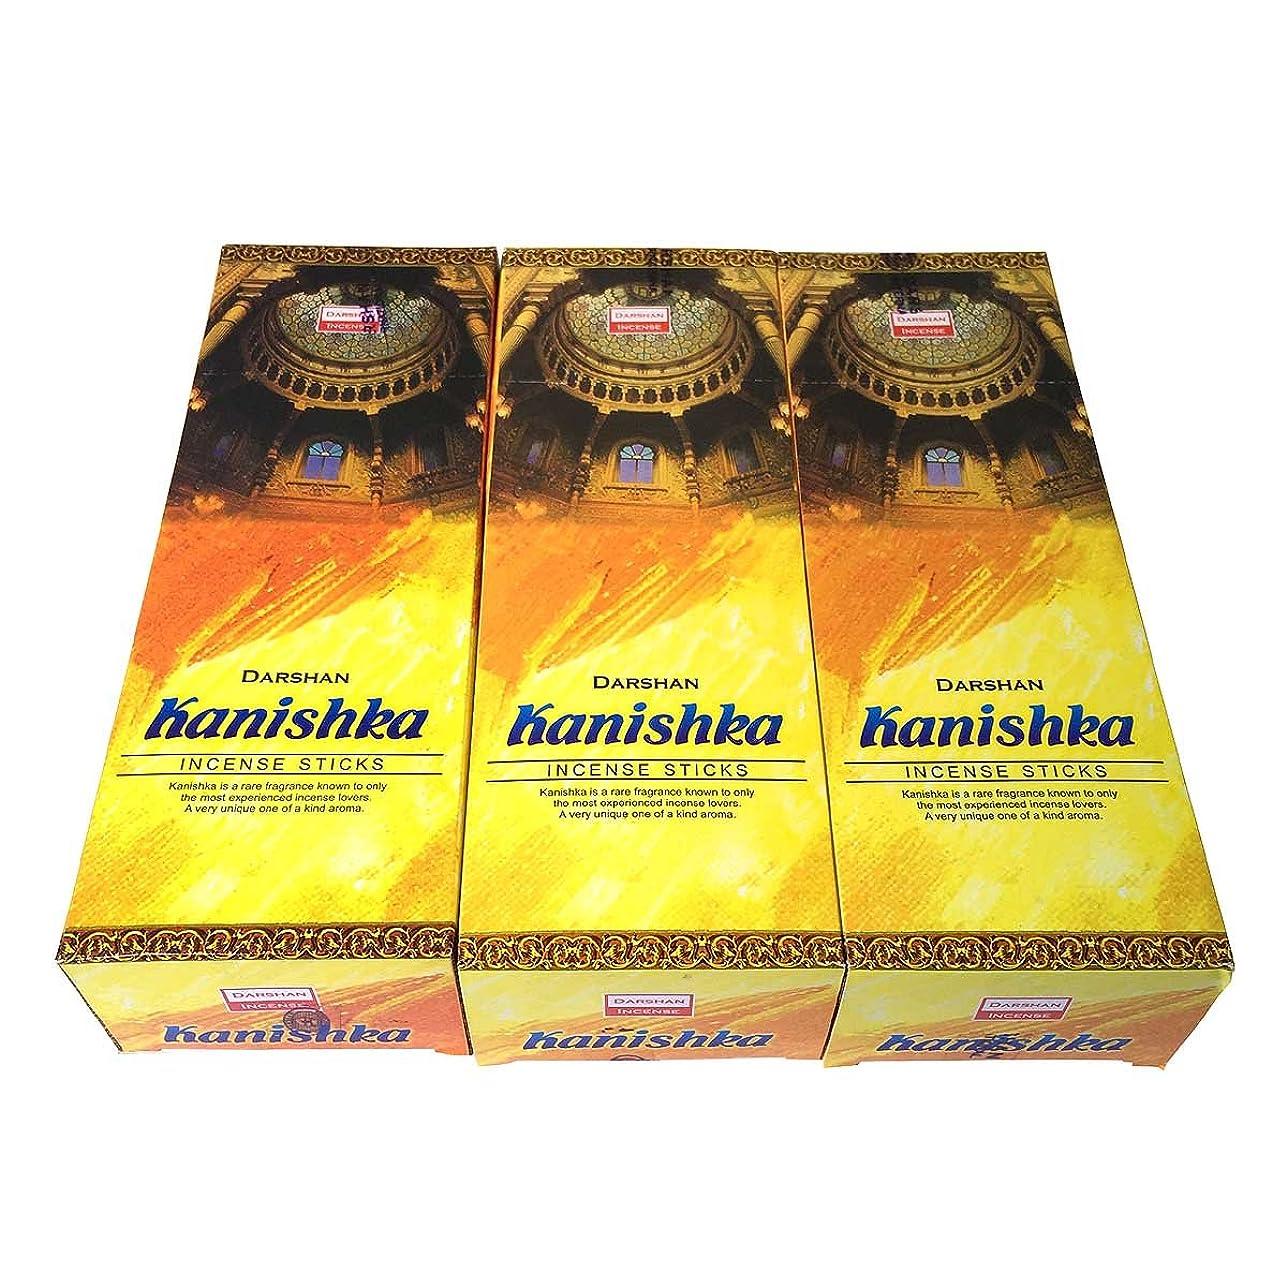 公爵夫人タバコ幻滅するカニシュカ香スティック 3BOX(18箱) /DARSHAN KANISHKA/インセンス/インド香 お香 [並行輸入品]